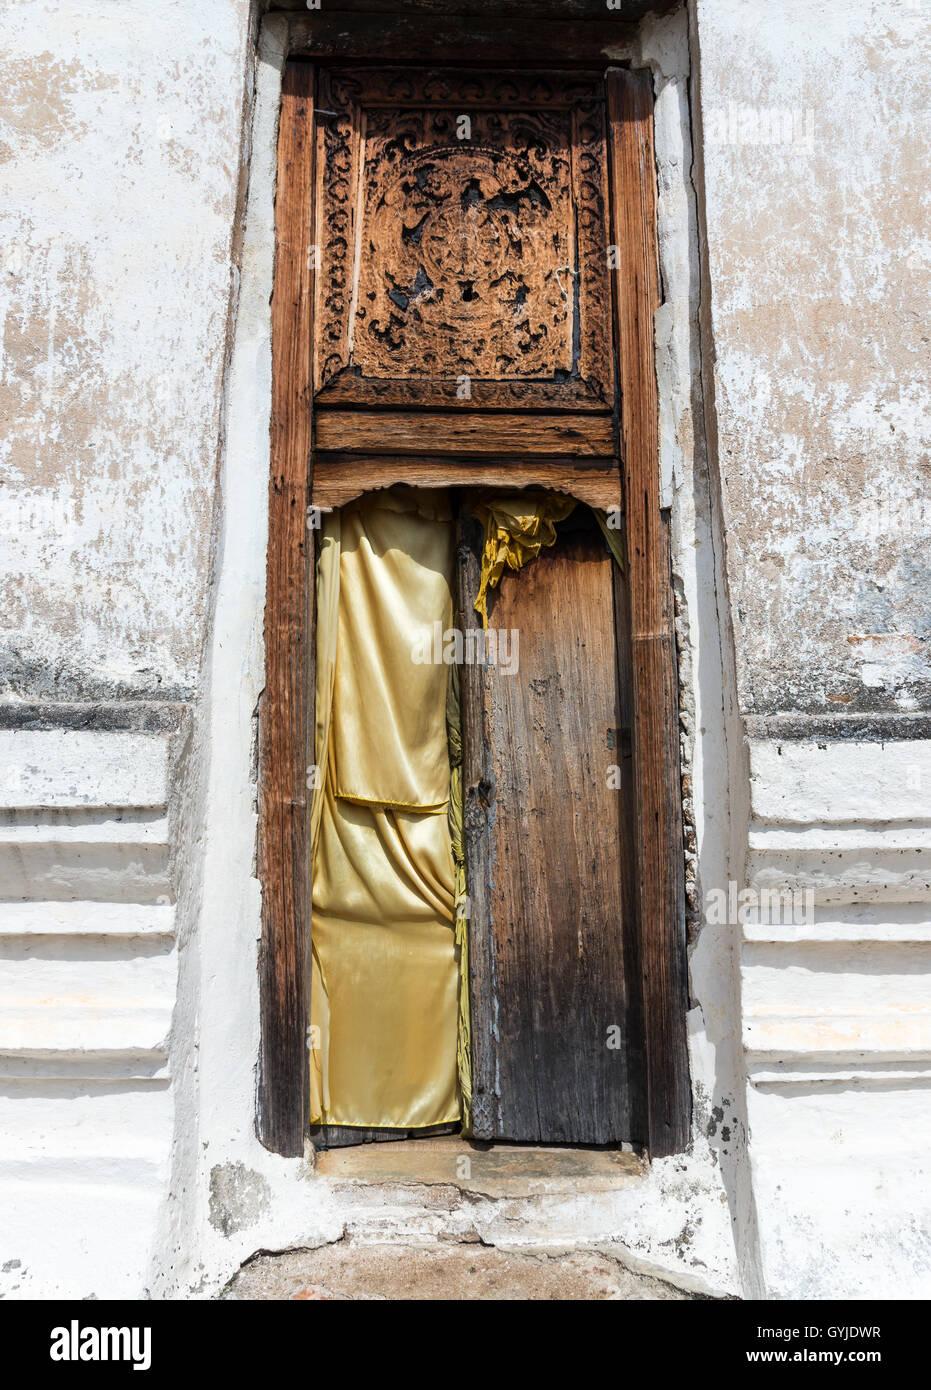 Old Thai Door Stockfotos & Old Thai Door Bilder - Alamy